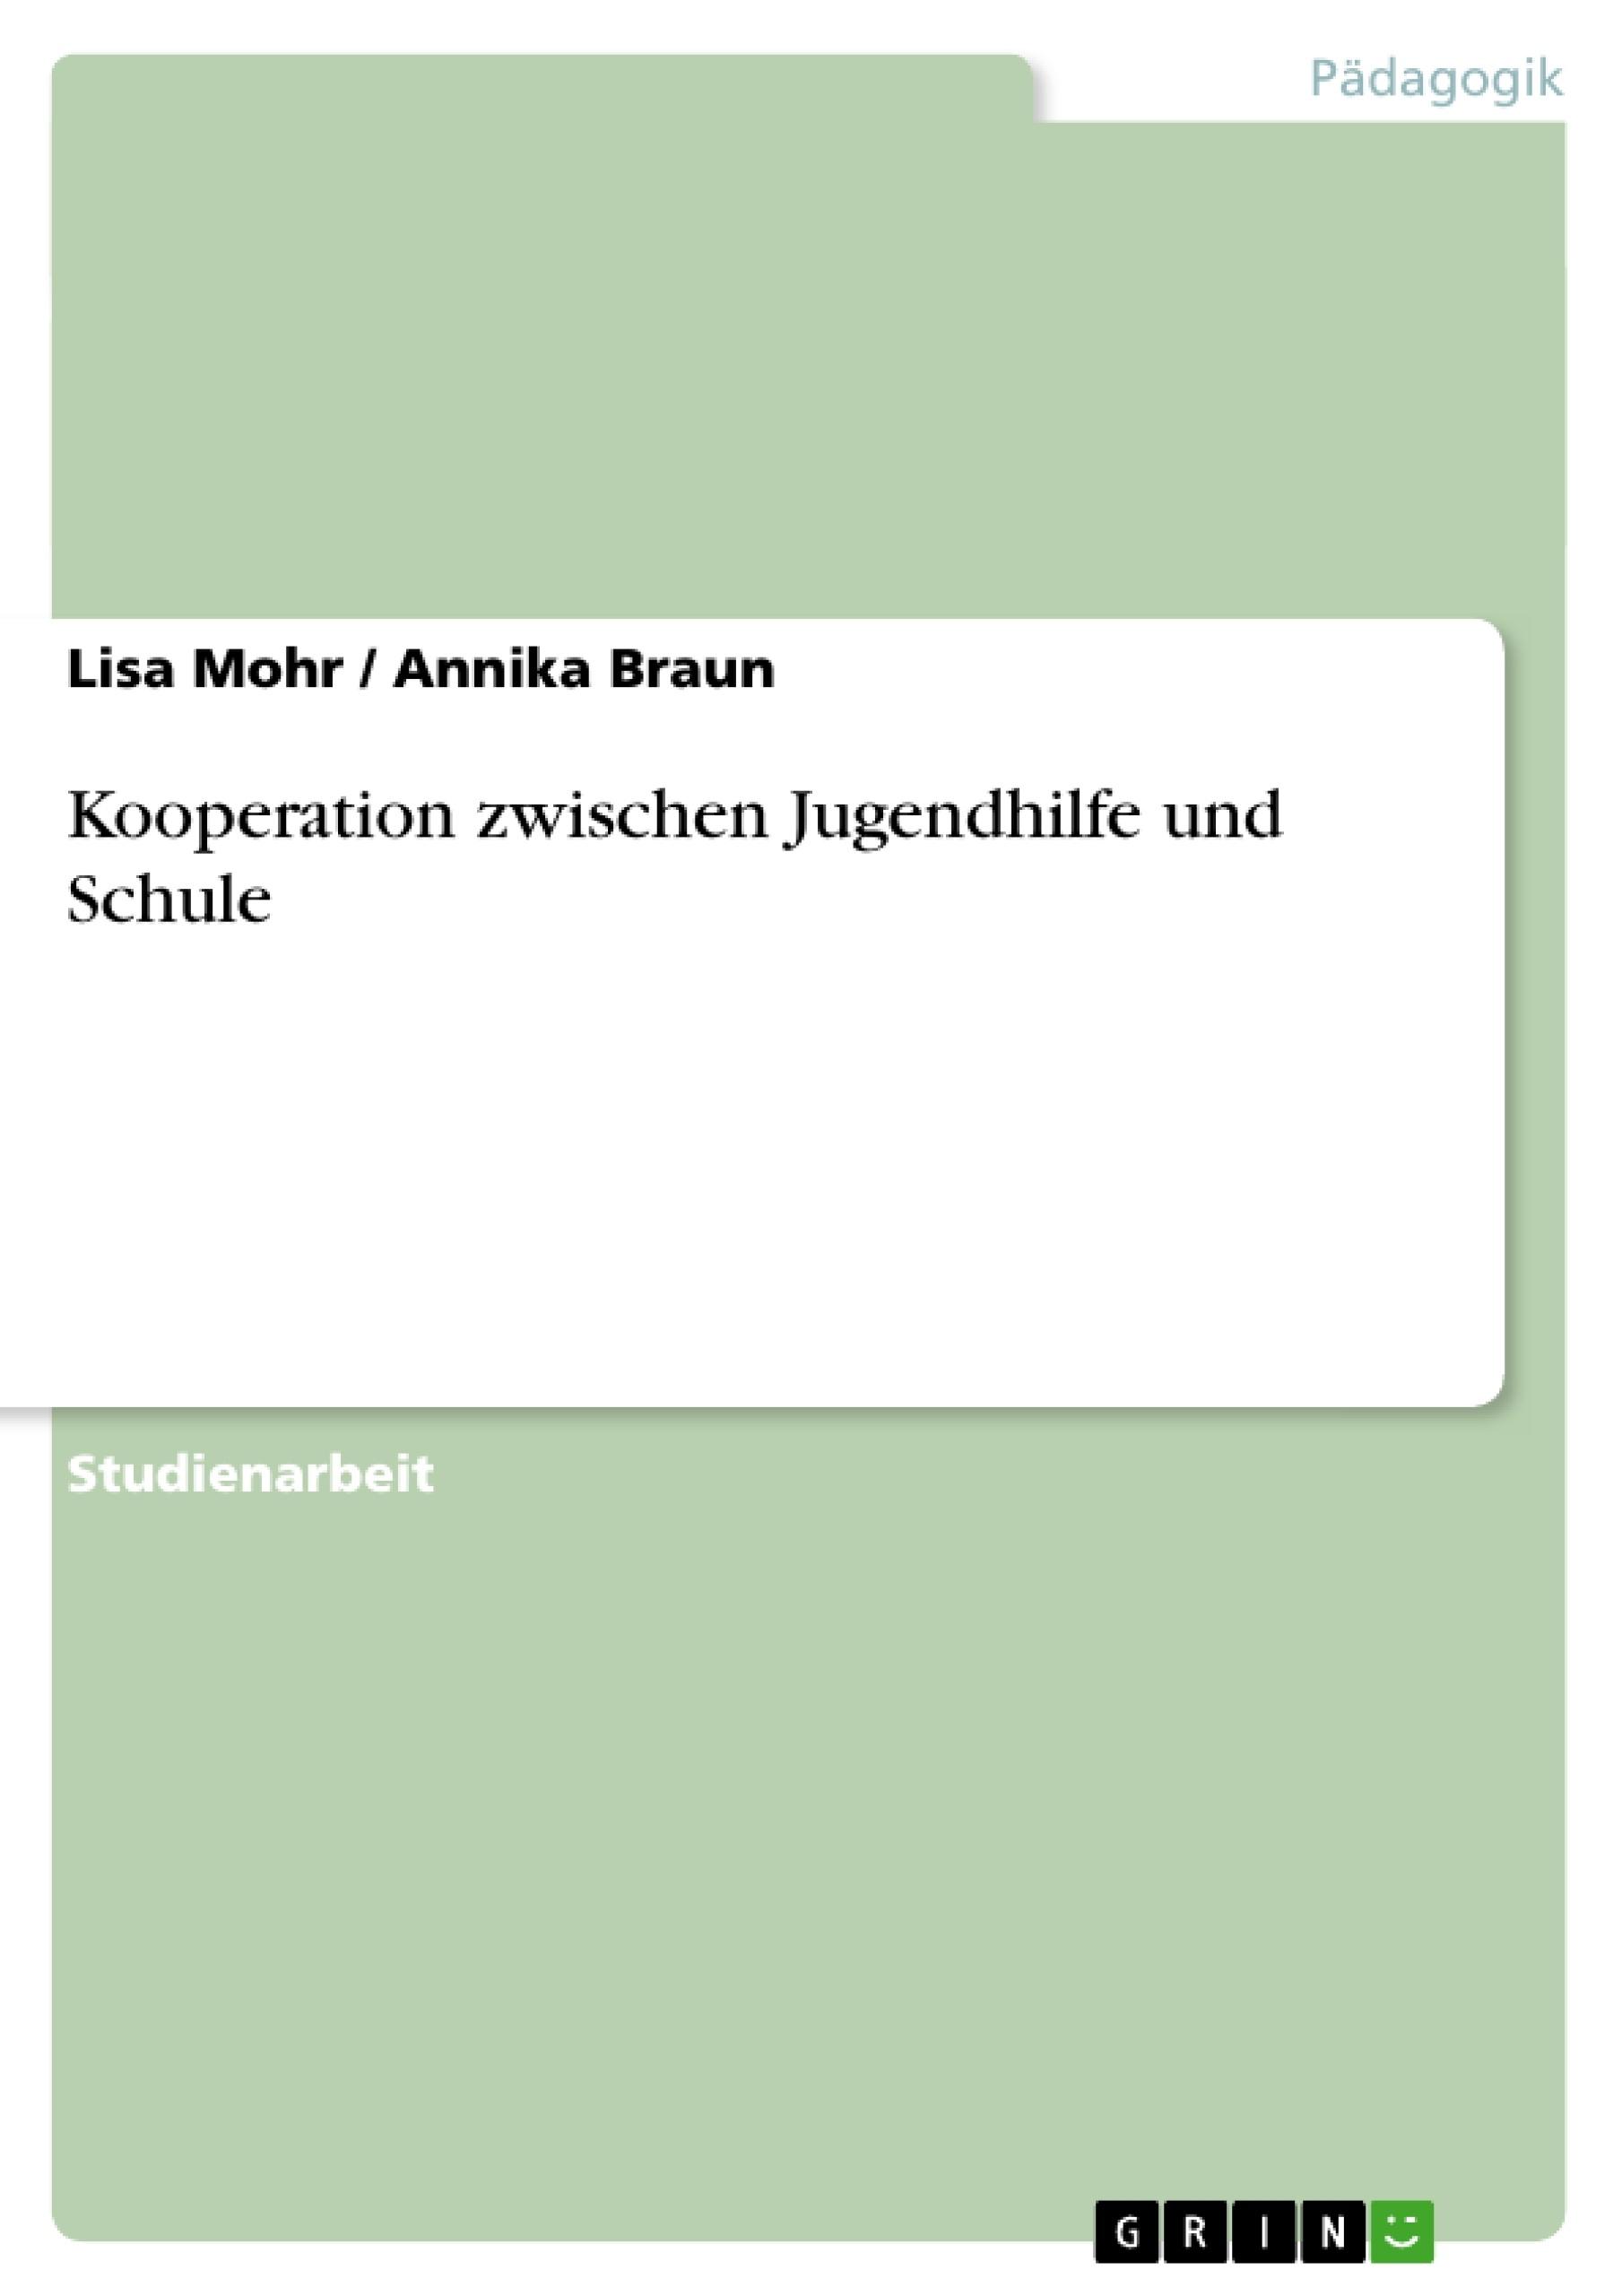 Titel: Kooperation zwischen Jugendhilfe und Schule